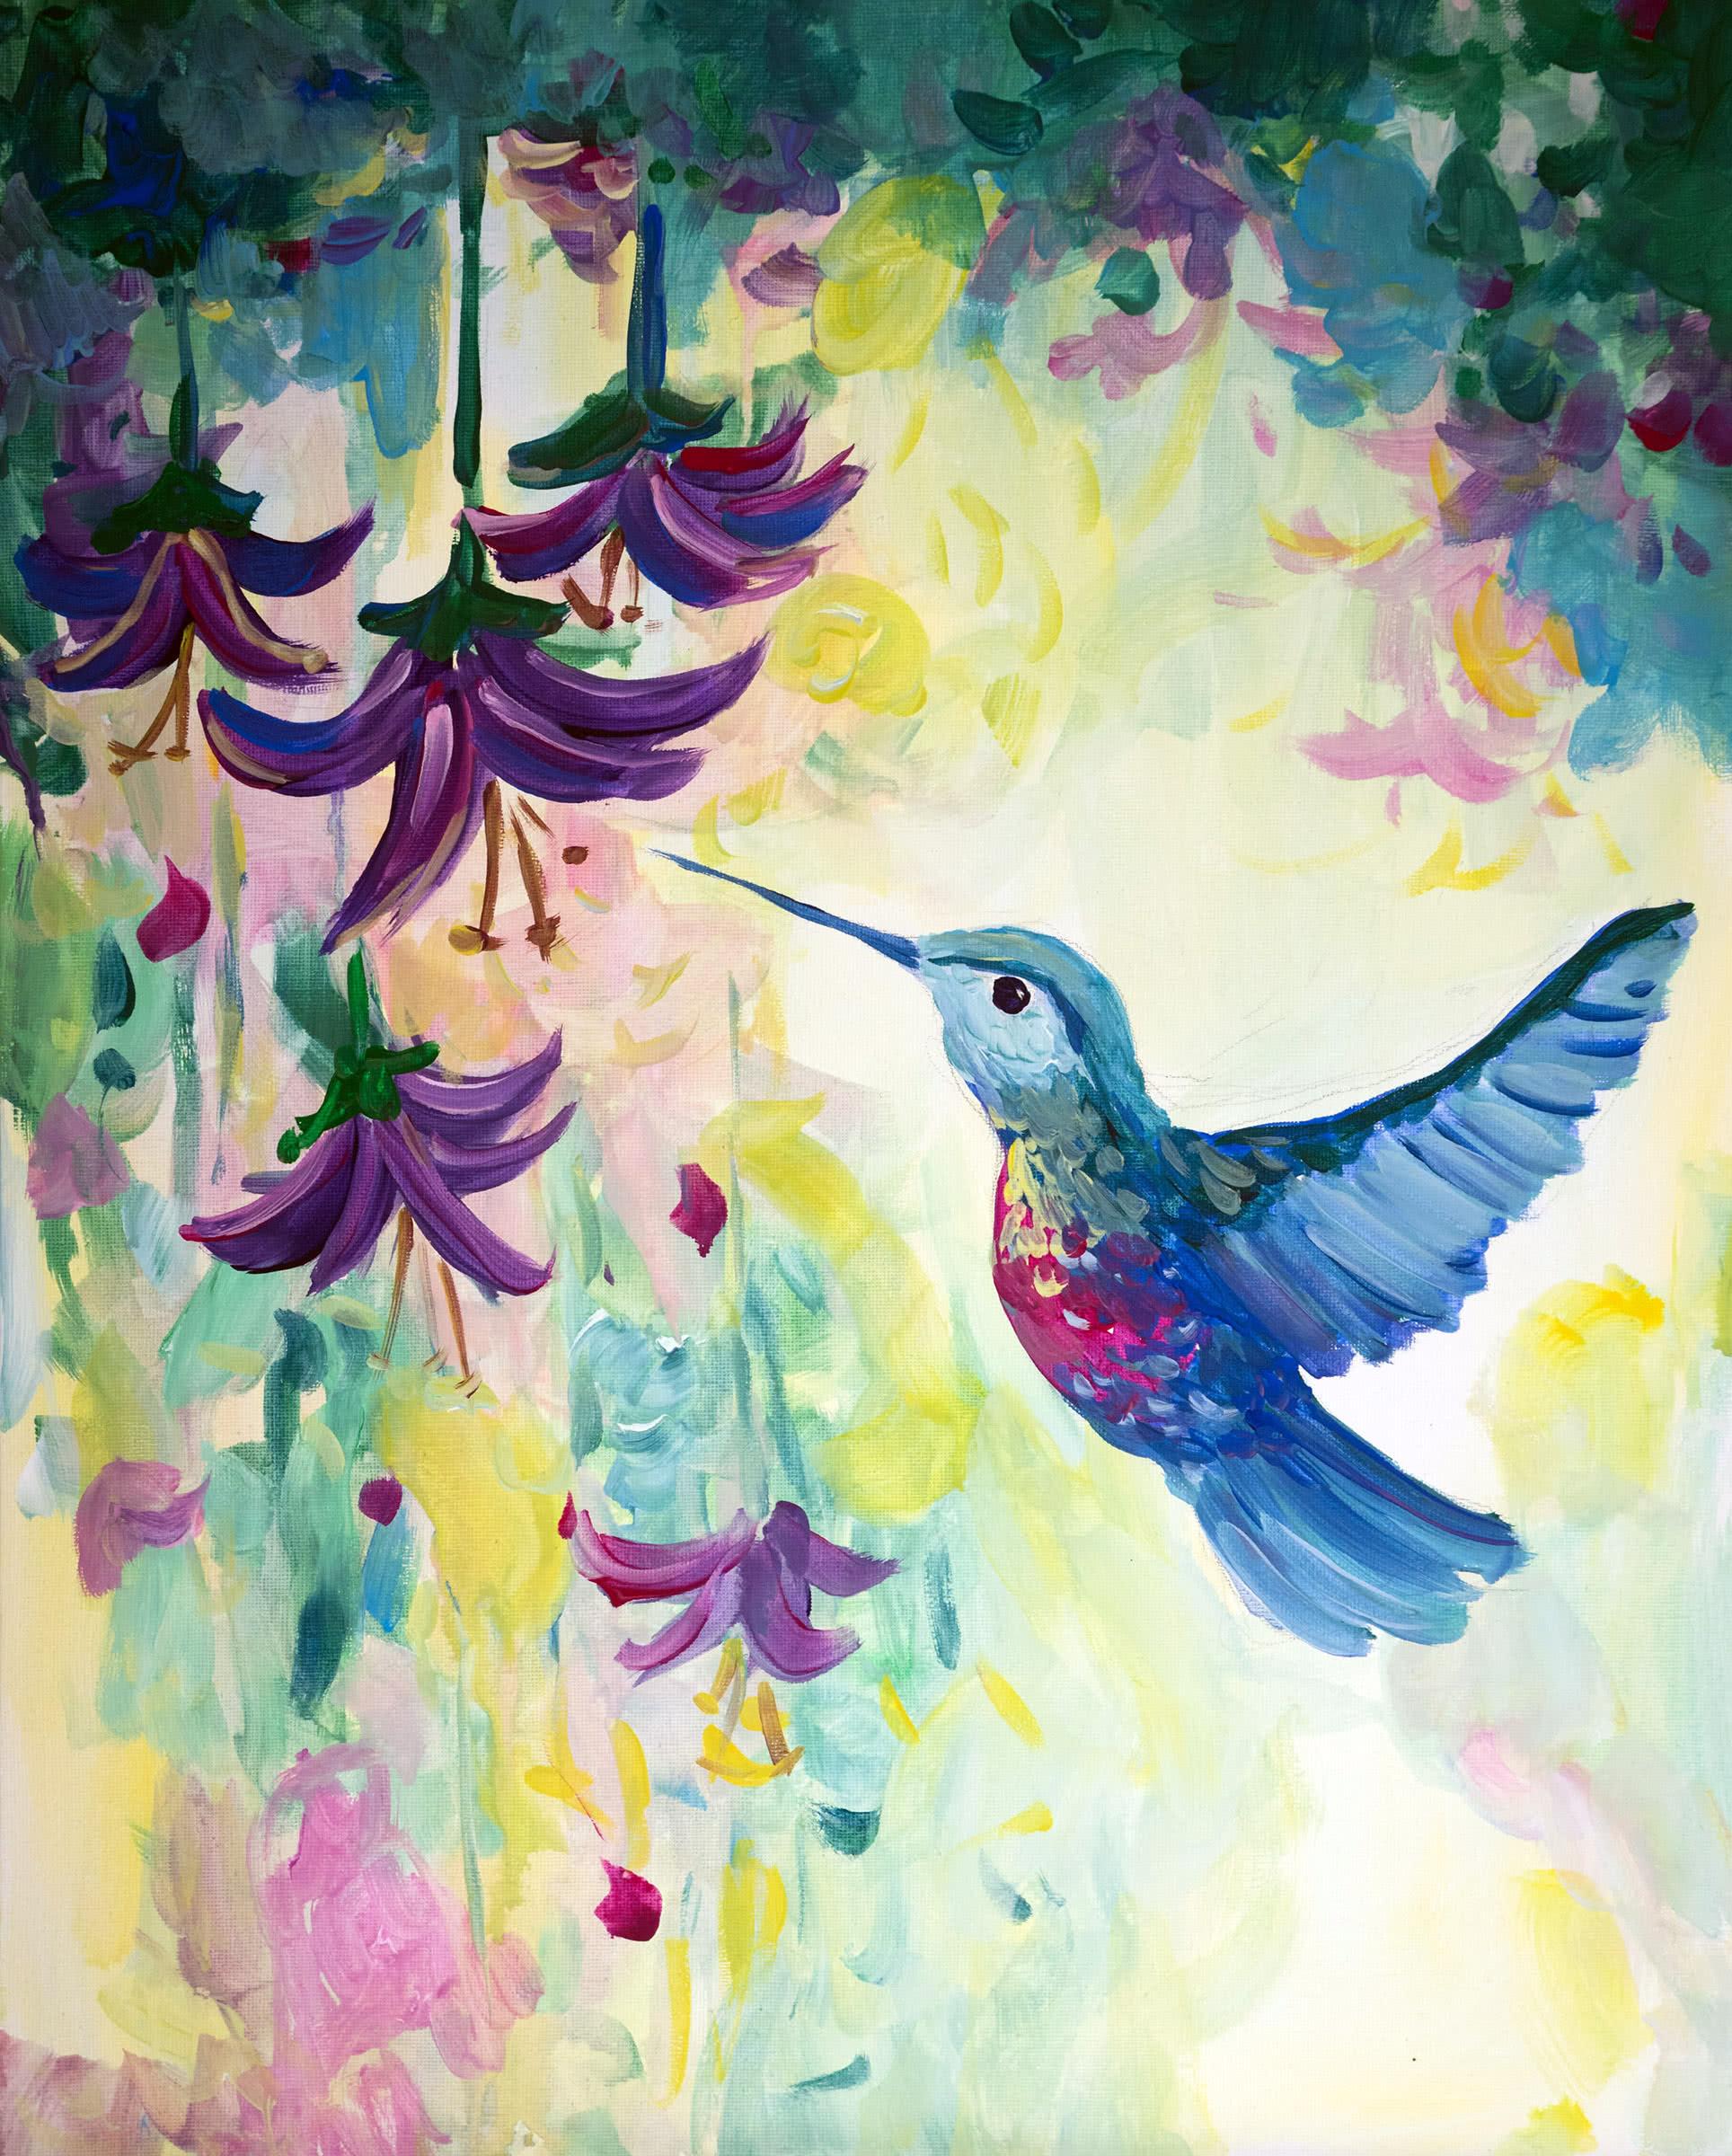 Leuchtender Kolibri - ArtMasters